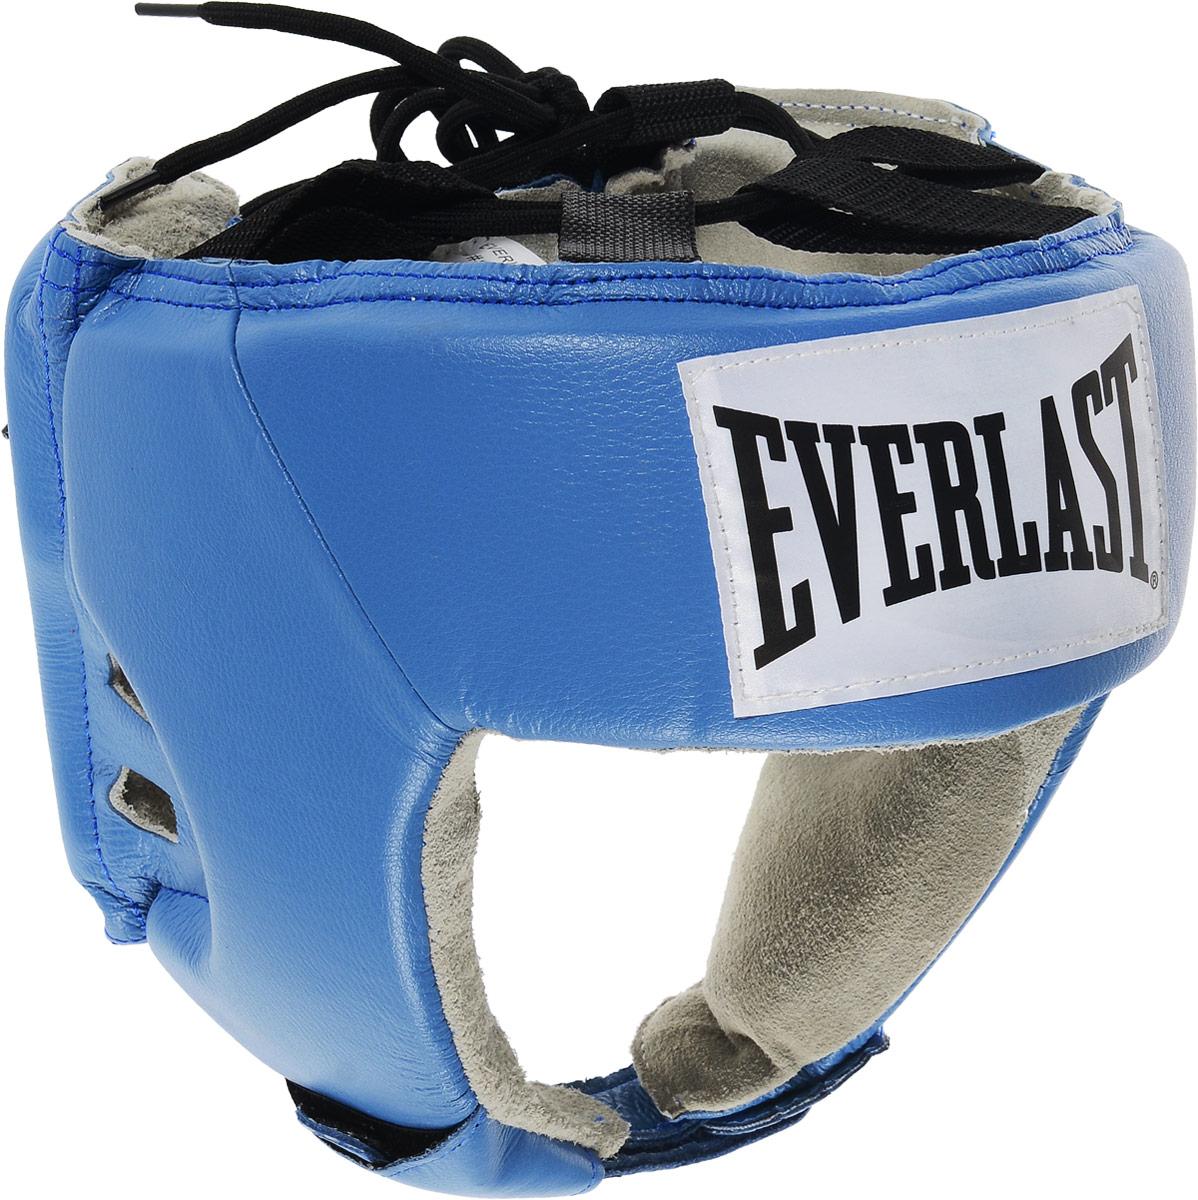 Шлем боксерский Everlast USA Boxing, цвет: синий, белый, черный. Размер XL610600UEverlast USA Boxing - боксерский шлем, разработанный для выступления на любительских соревнованиях и одобренный ассоциацией USA Boxing. Плотный четырехслойный пенный наполнитель превосходно амортизирует удары и значительно снижает риск травмы. Качественная натуральная кожа (снаружи) и не менее качественная замша (внутри) обеспечивают значительный запас прочности и отличную износоустойчивость. Подгонка под необходимый размер и фиксация на голове происходят за счет затягивающихся шнурков. Если вы еще ищите шлем для предстоящих соревнований, то Everlast USA Boxing - это ваш выбор! Диаметр головы: 18 см.